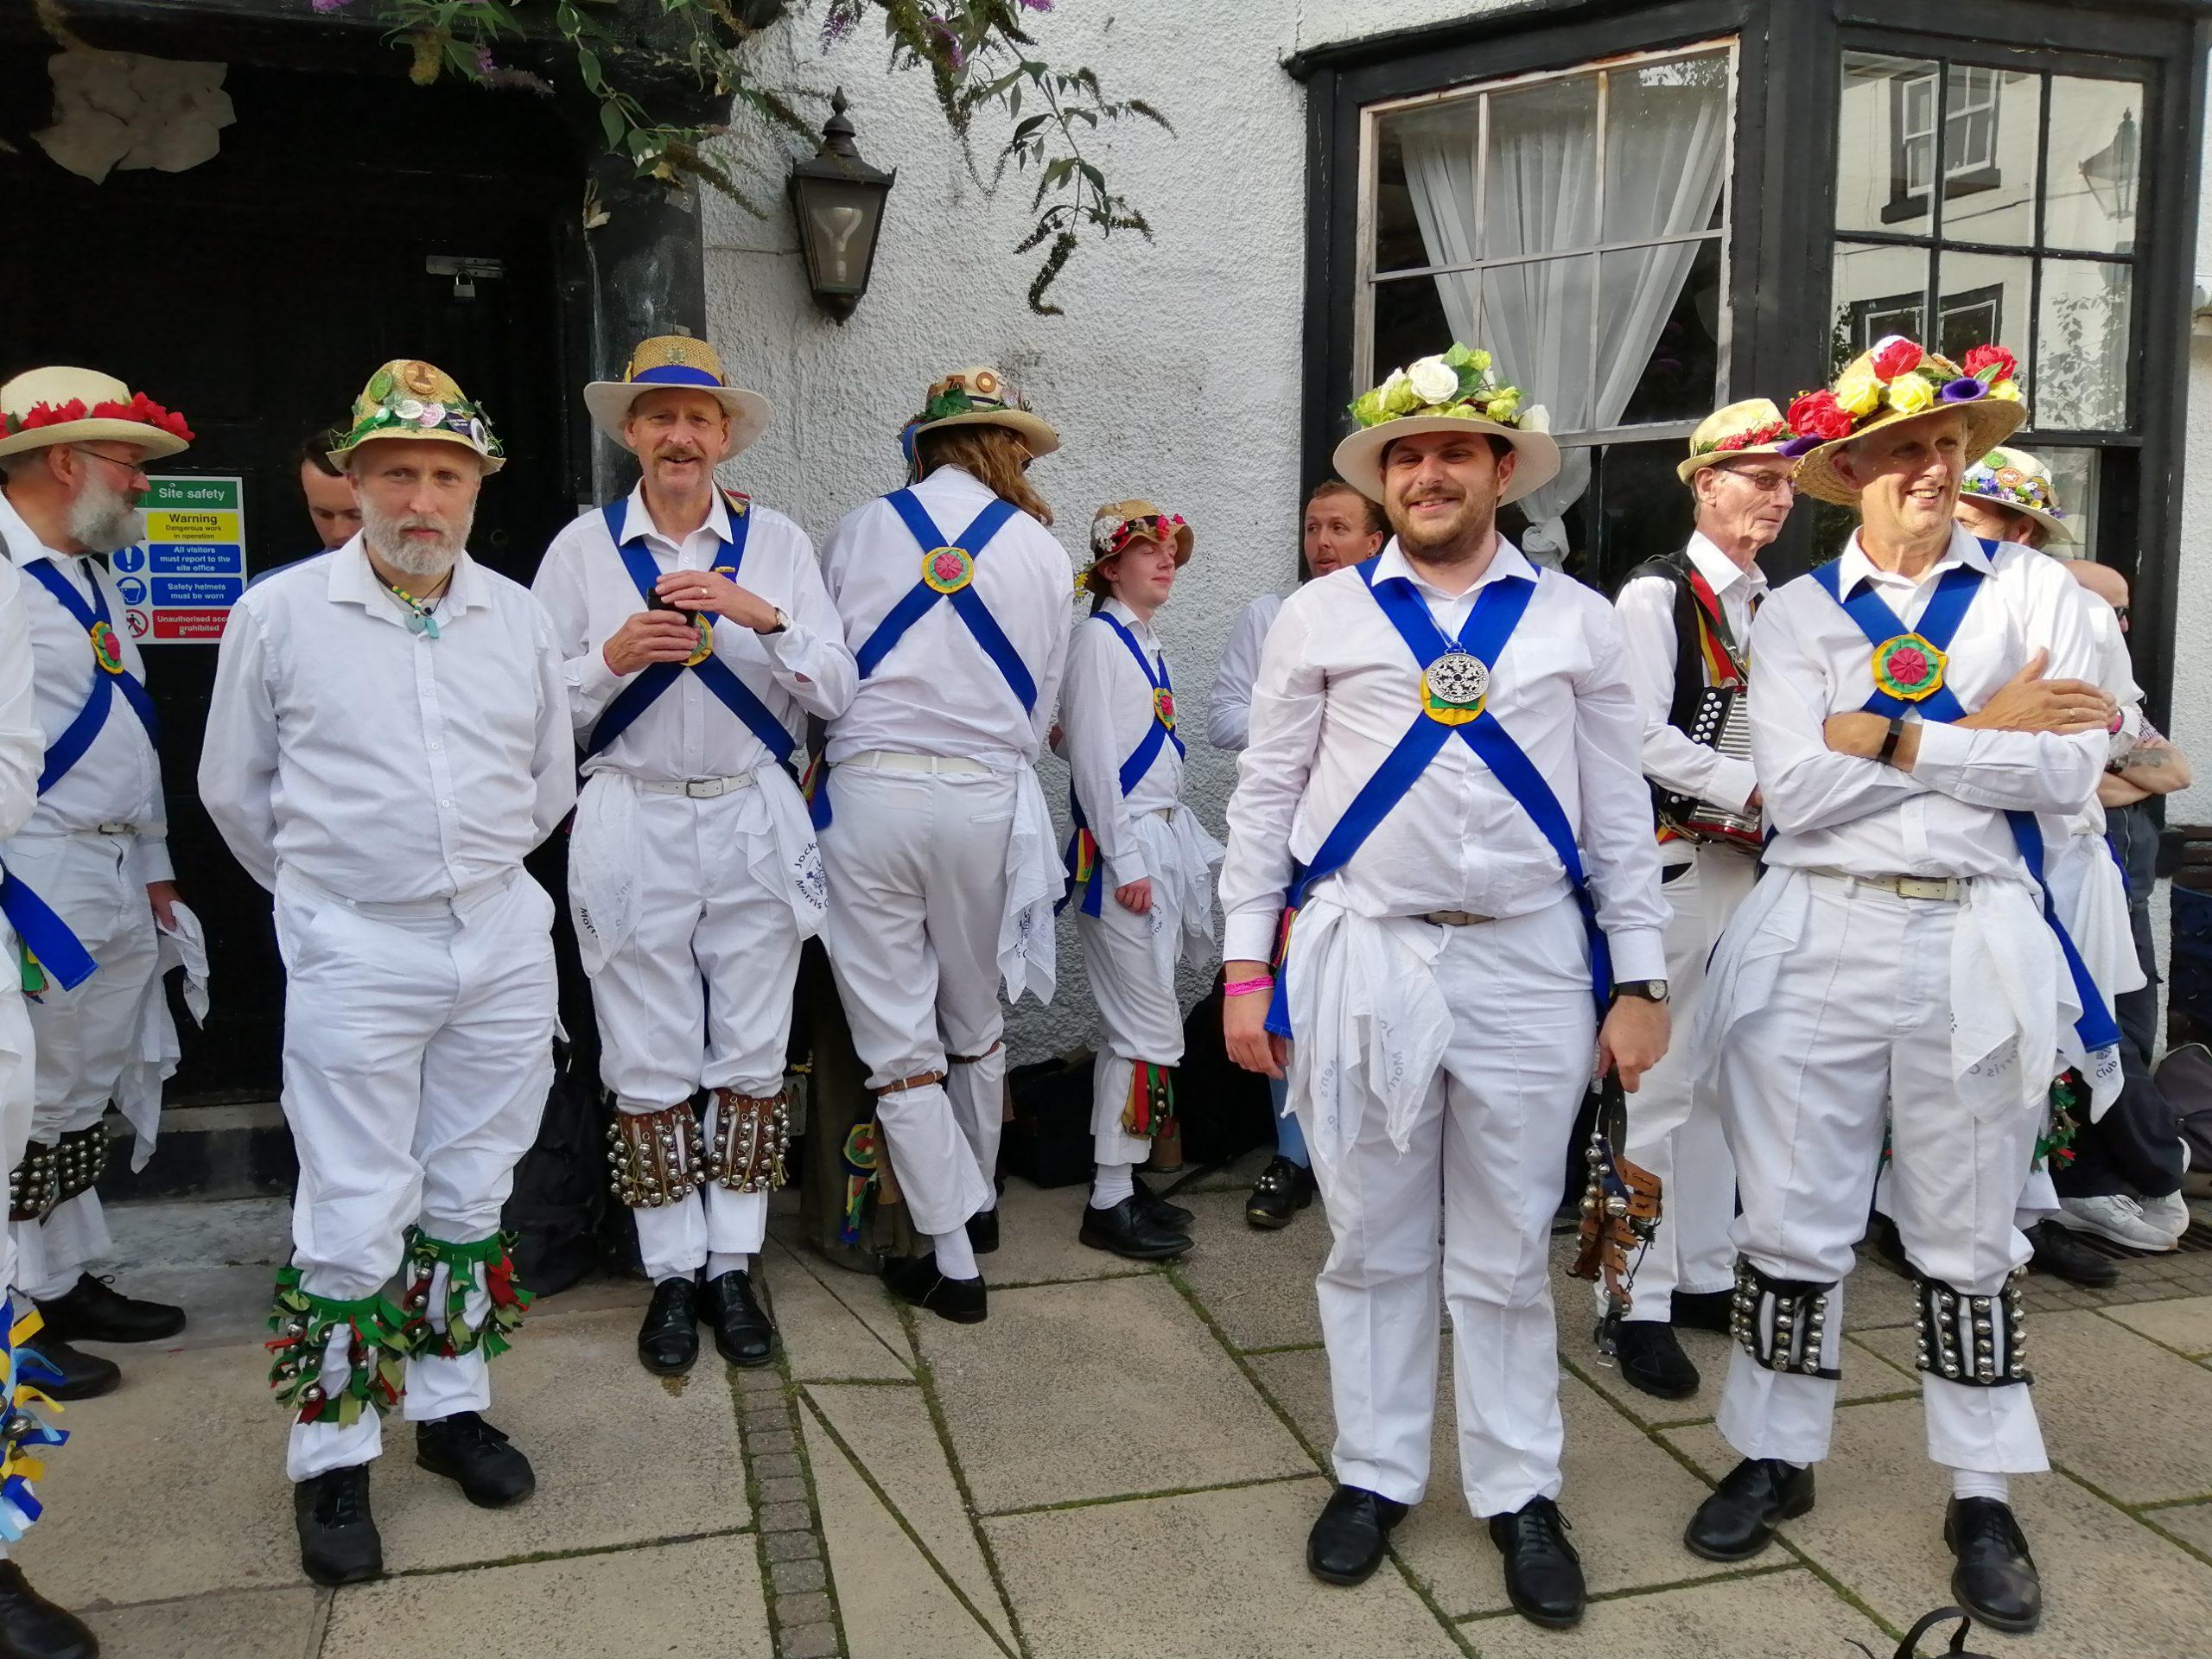 Bromyard Folk Festival - September 2021